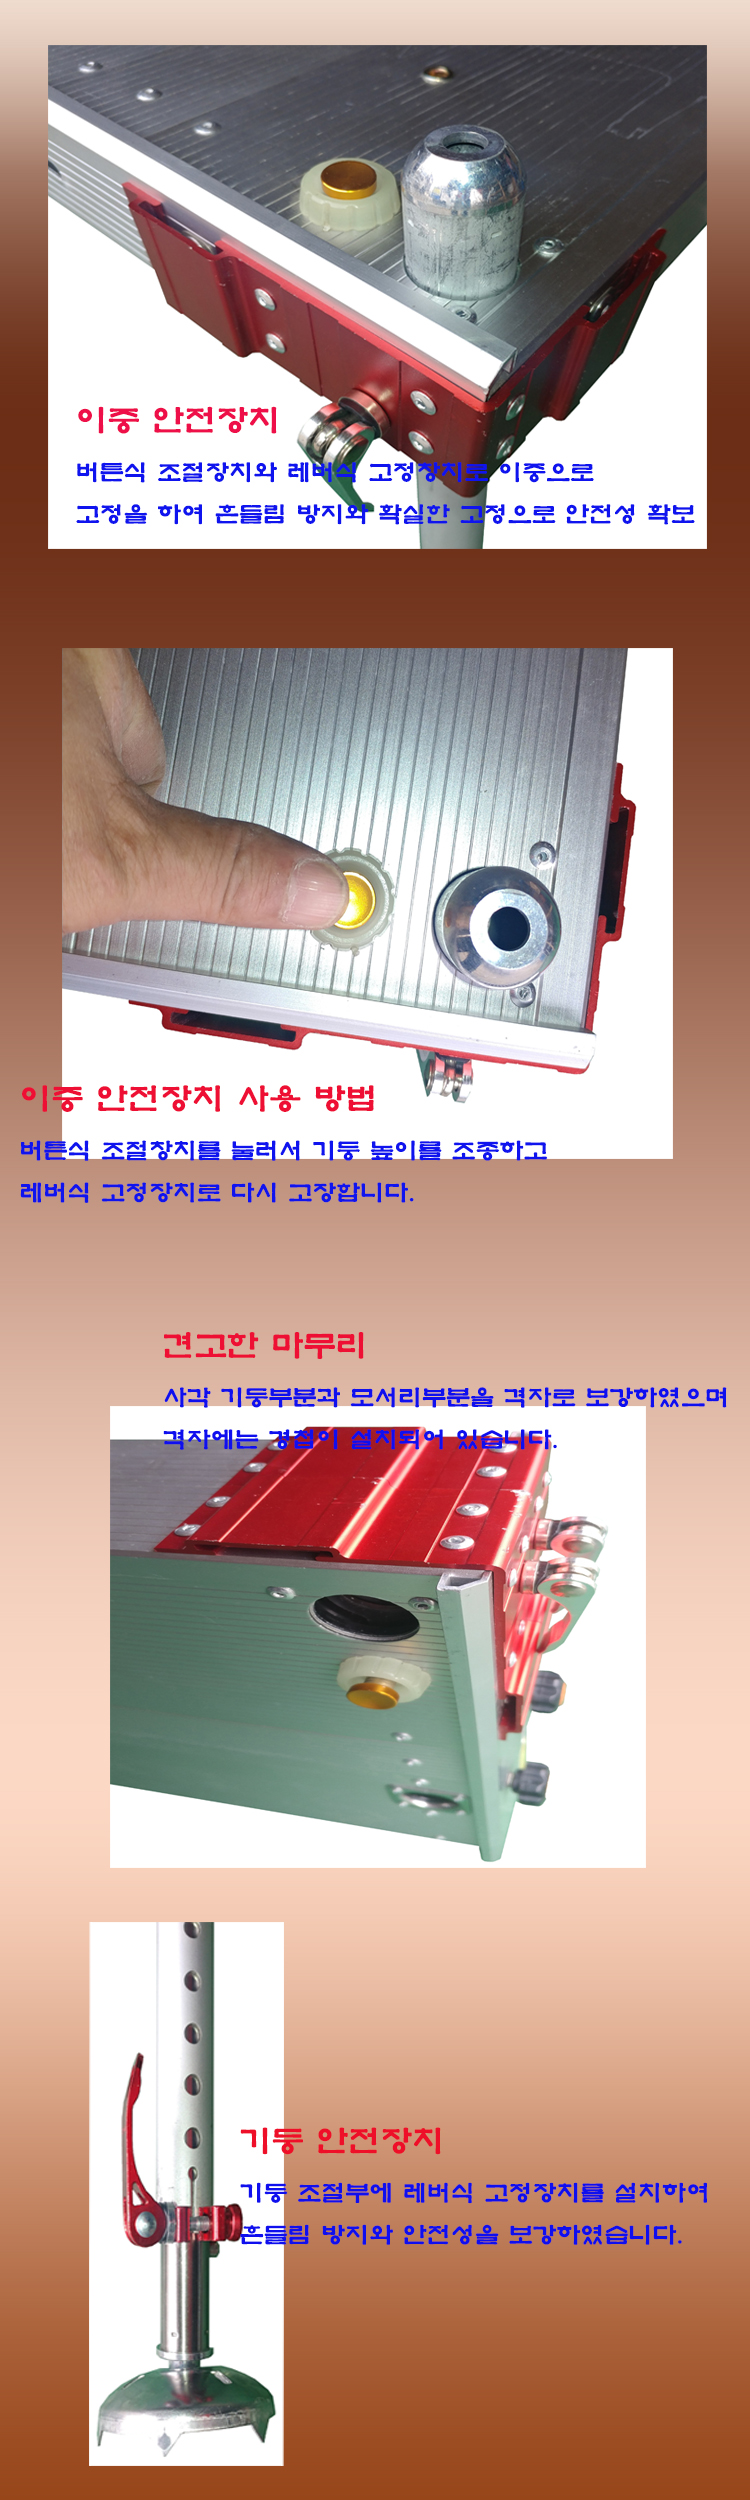 20c436479e191e8f580b446818a57656_1572587199_1338_555.jpg